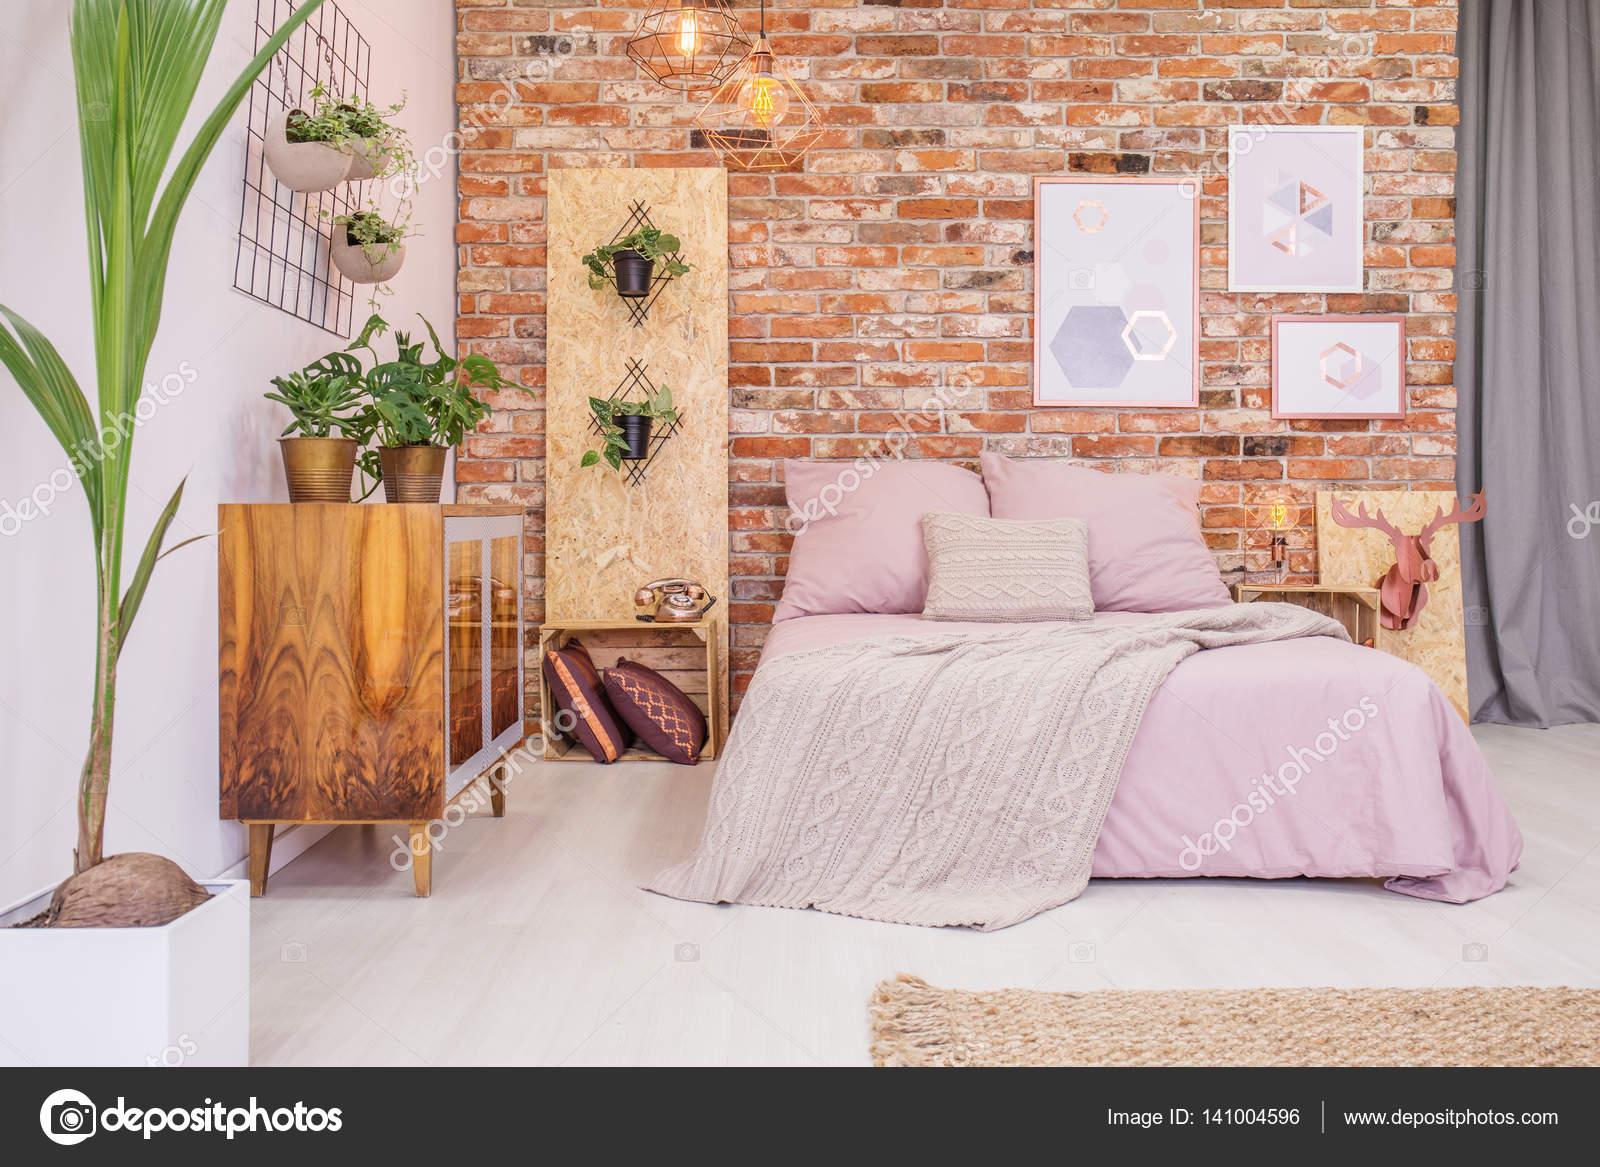 Pianta Camera Da Letto Matrimoniale : Camera da letto con piante verdi decorativi u foto stock